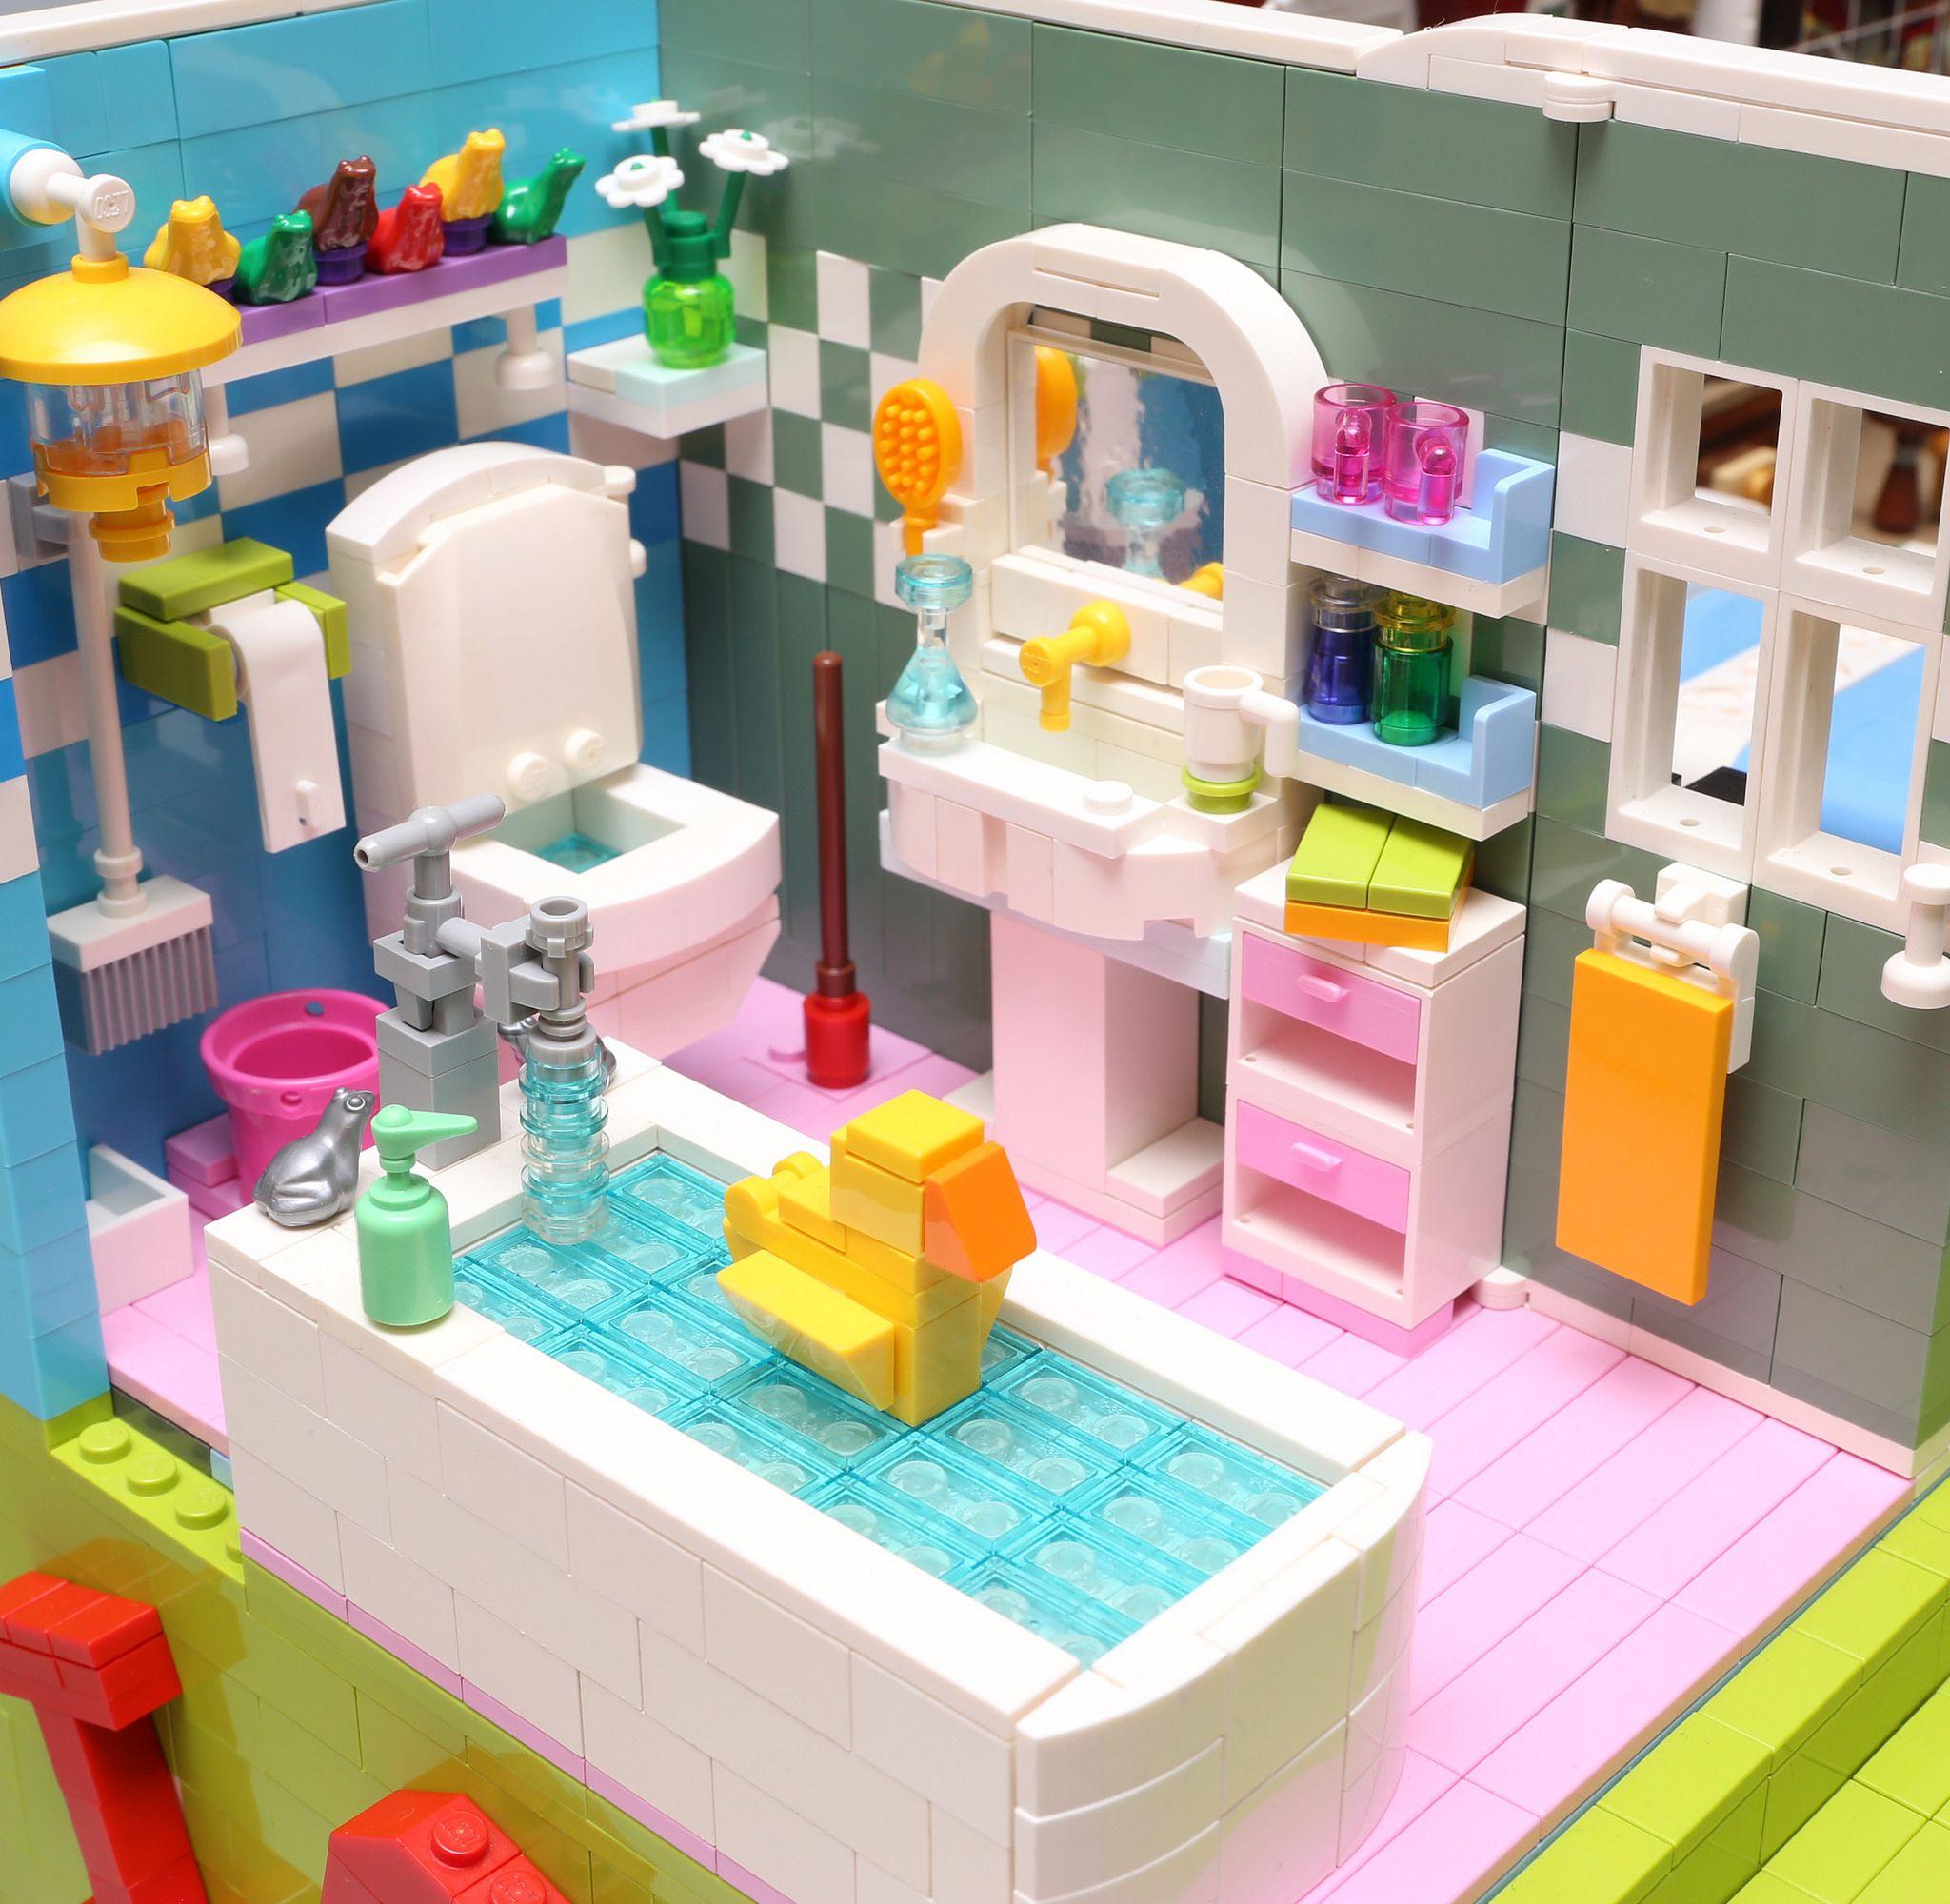 Lego Dream House Bathroom Lego Furniture Lego Machines Lego Bathroom